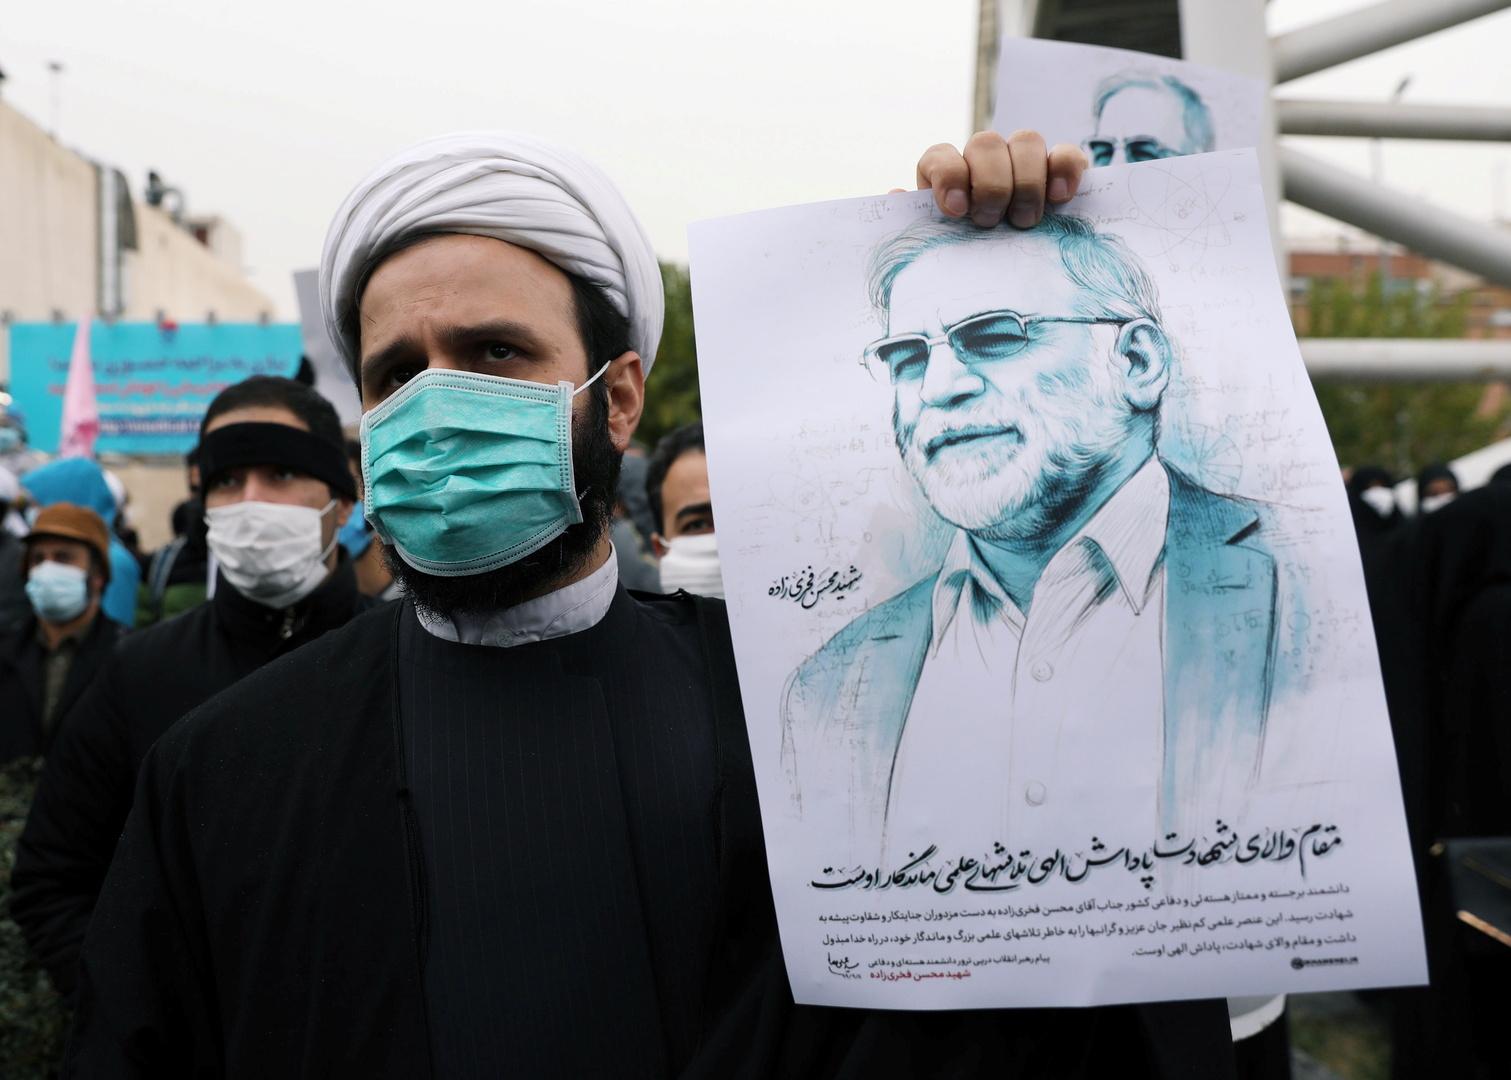 شيخ إيراني يحمل صورة العالم الإيراني محسن زادة